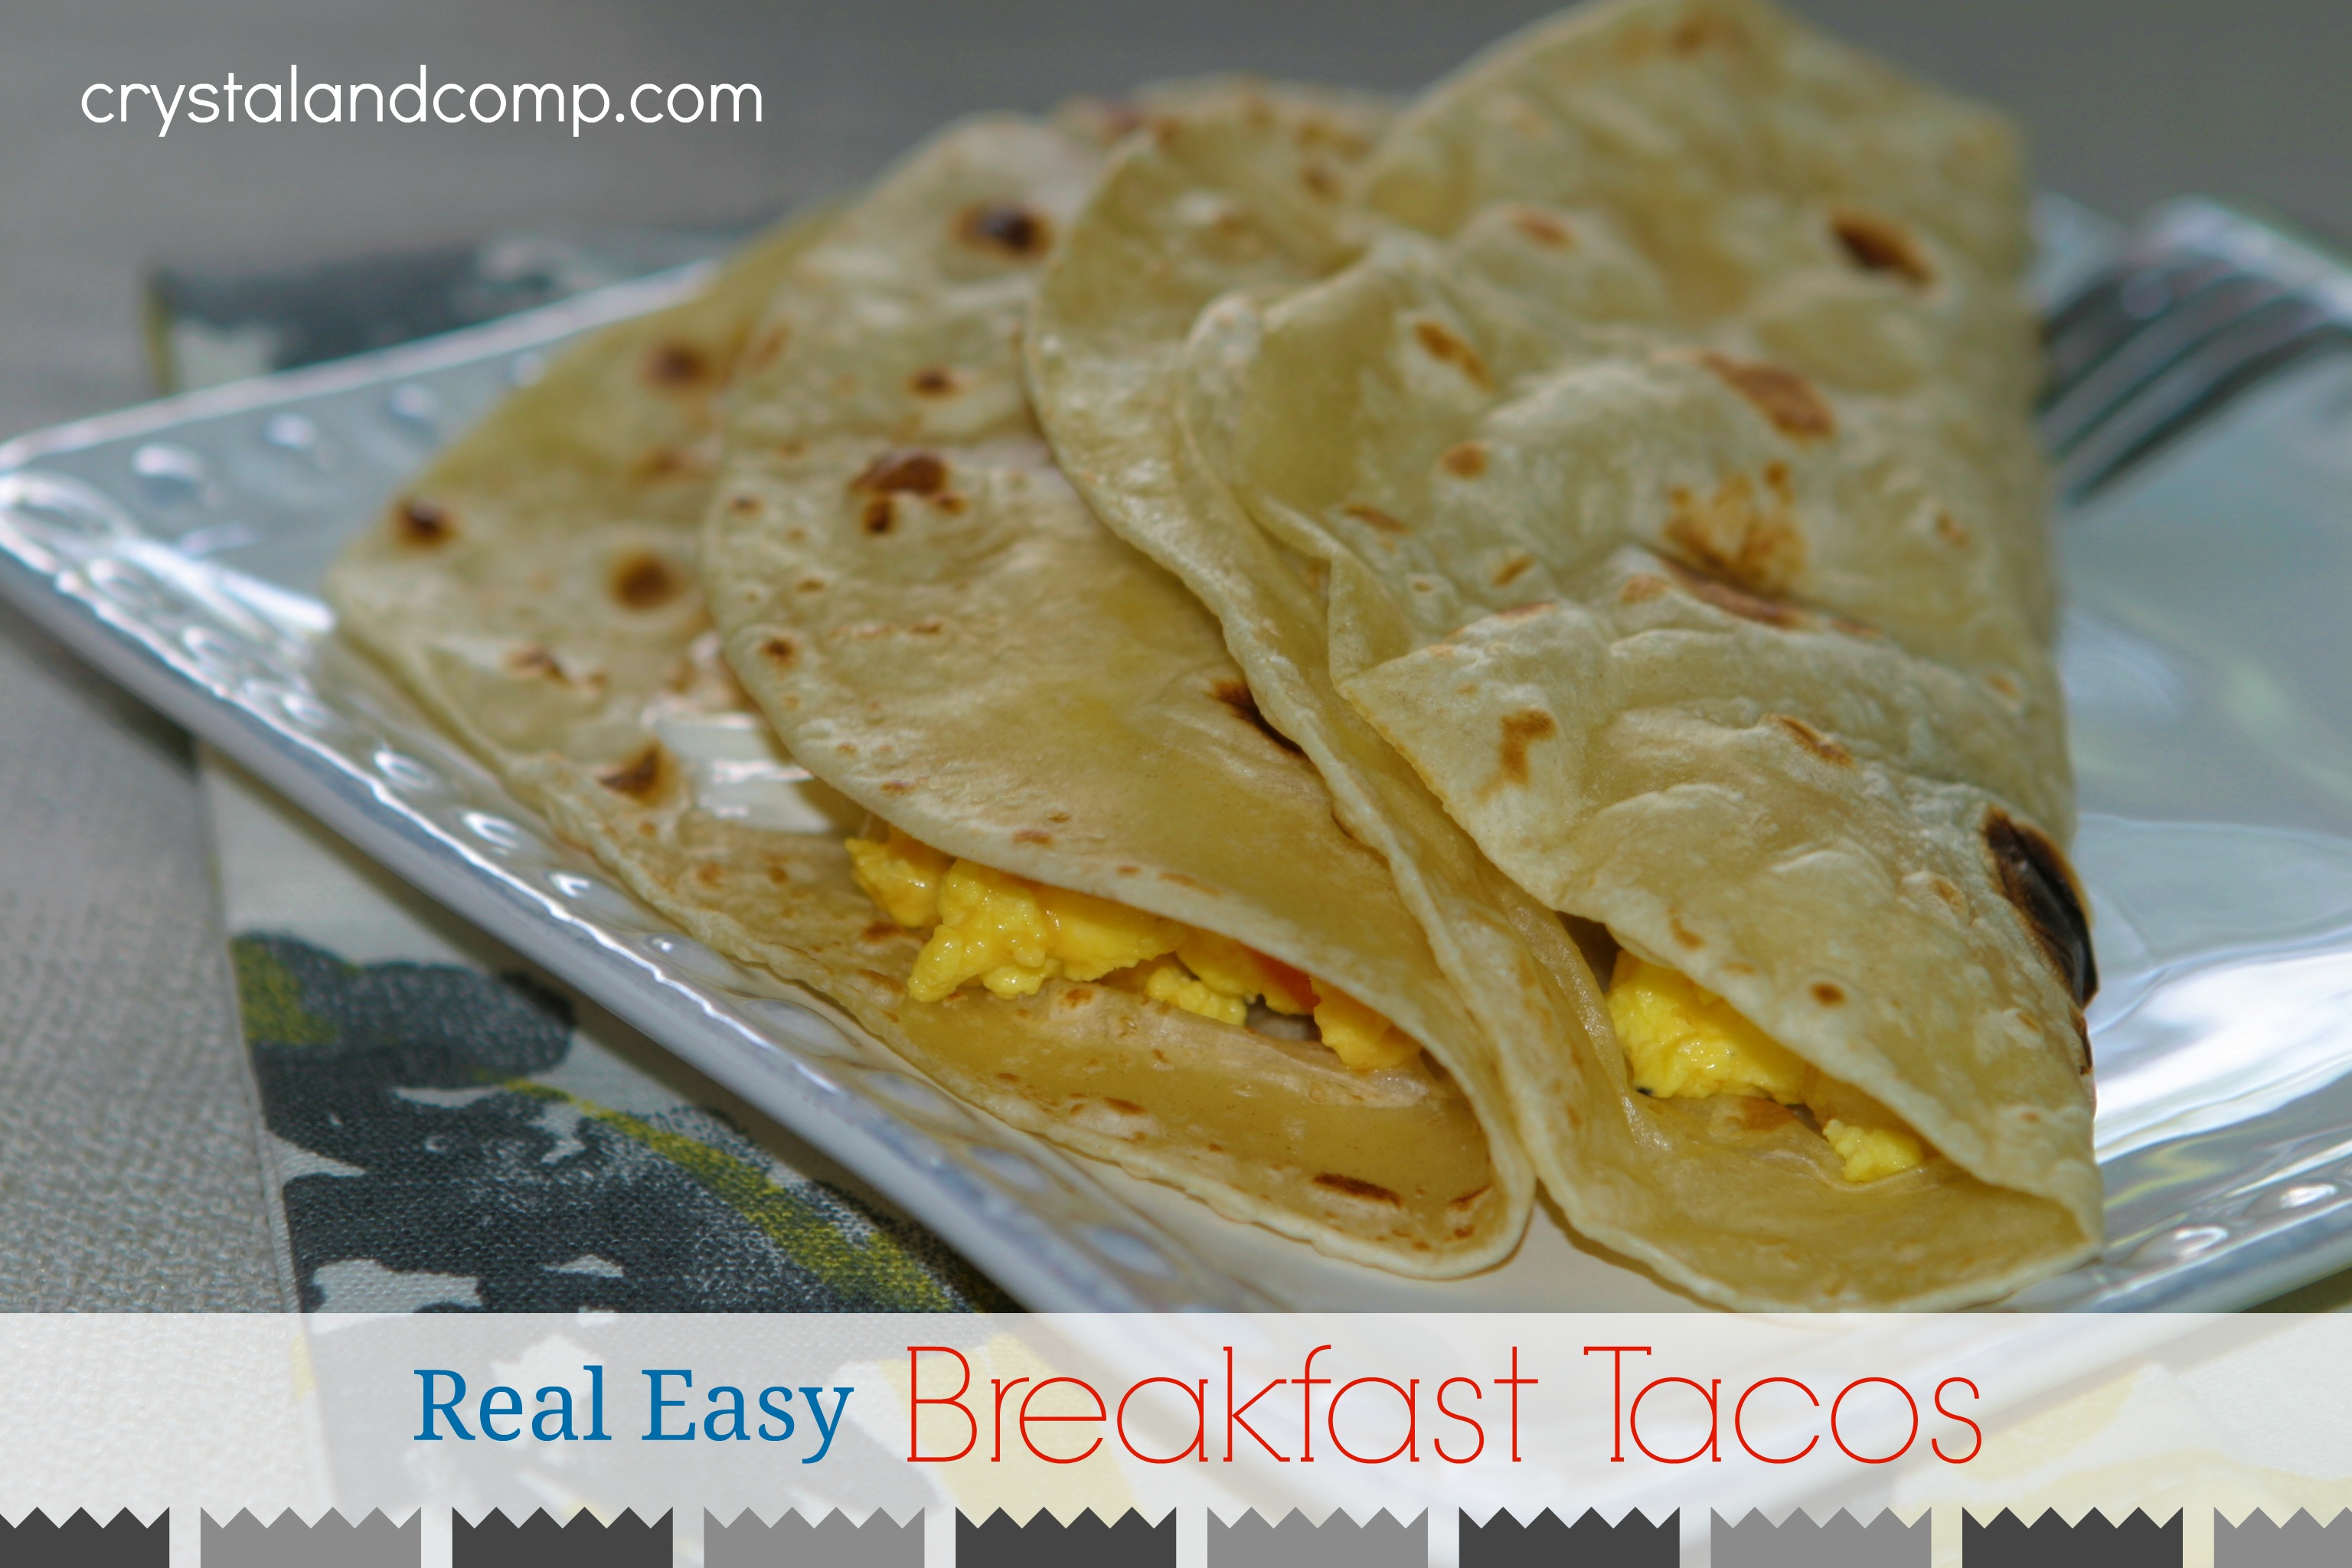 Real Easy Breakfast Recipe